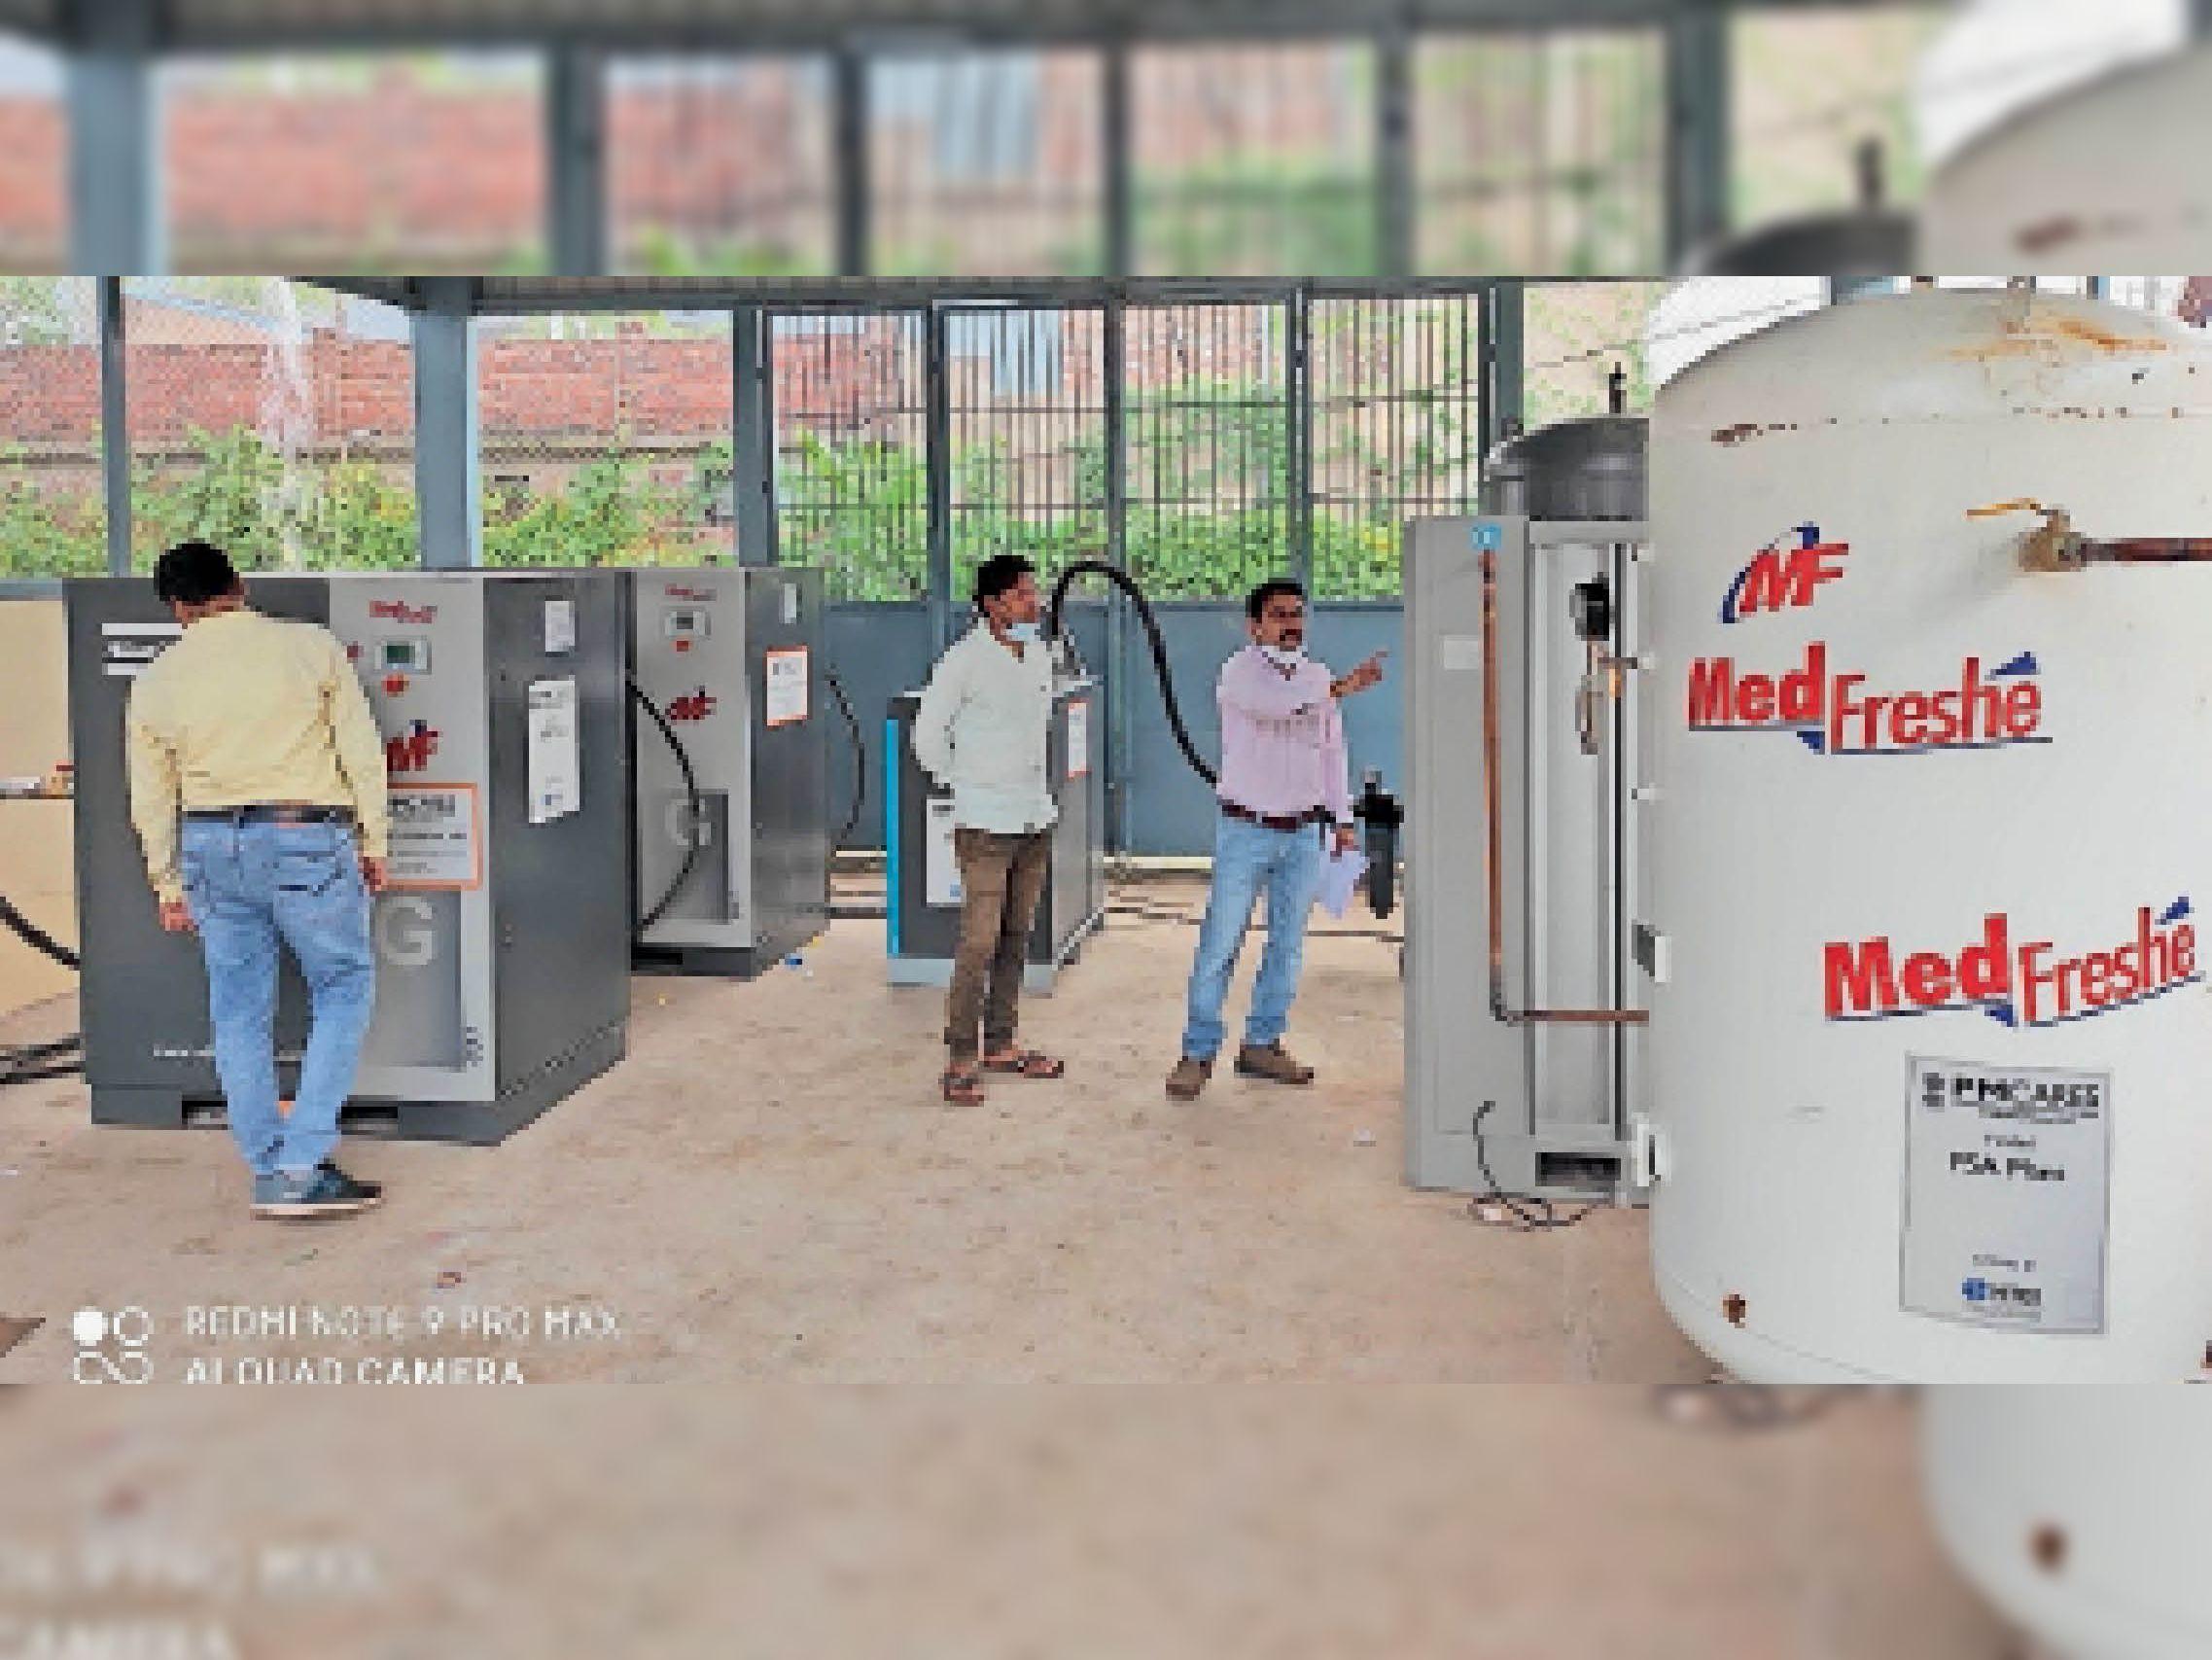 सिविल अस्पताल में तकनीशियनों द्वारा ऑक्सीजन प्लांट का डेमो दिया गया। - Dainik Bhaskar